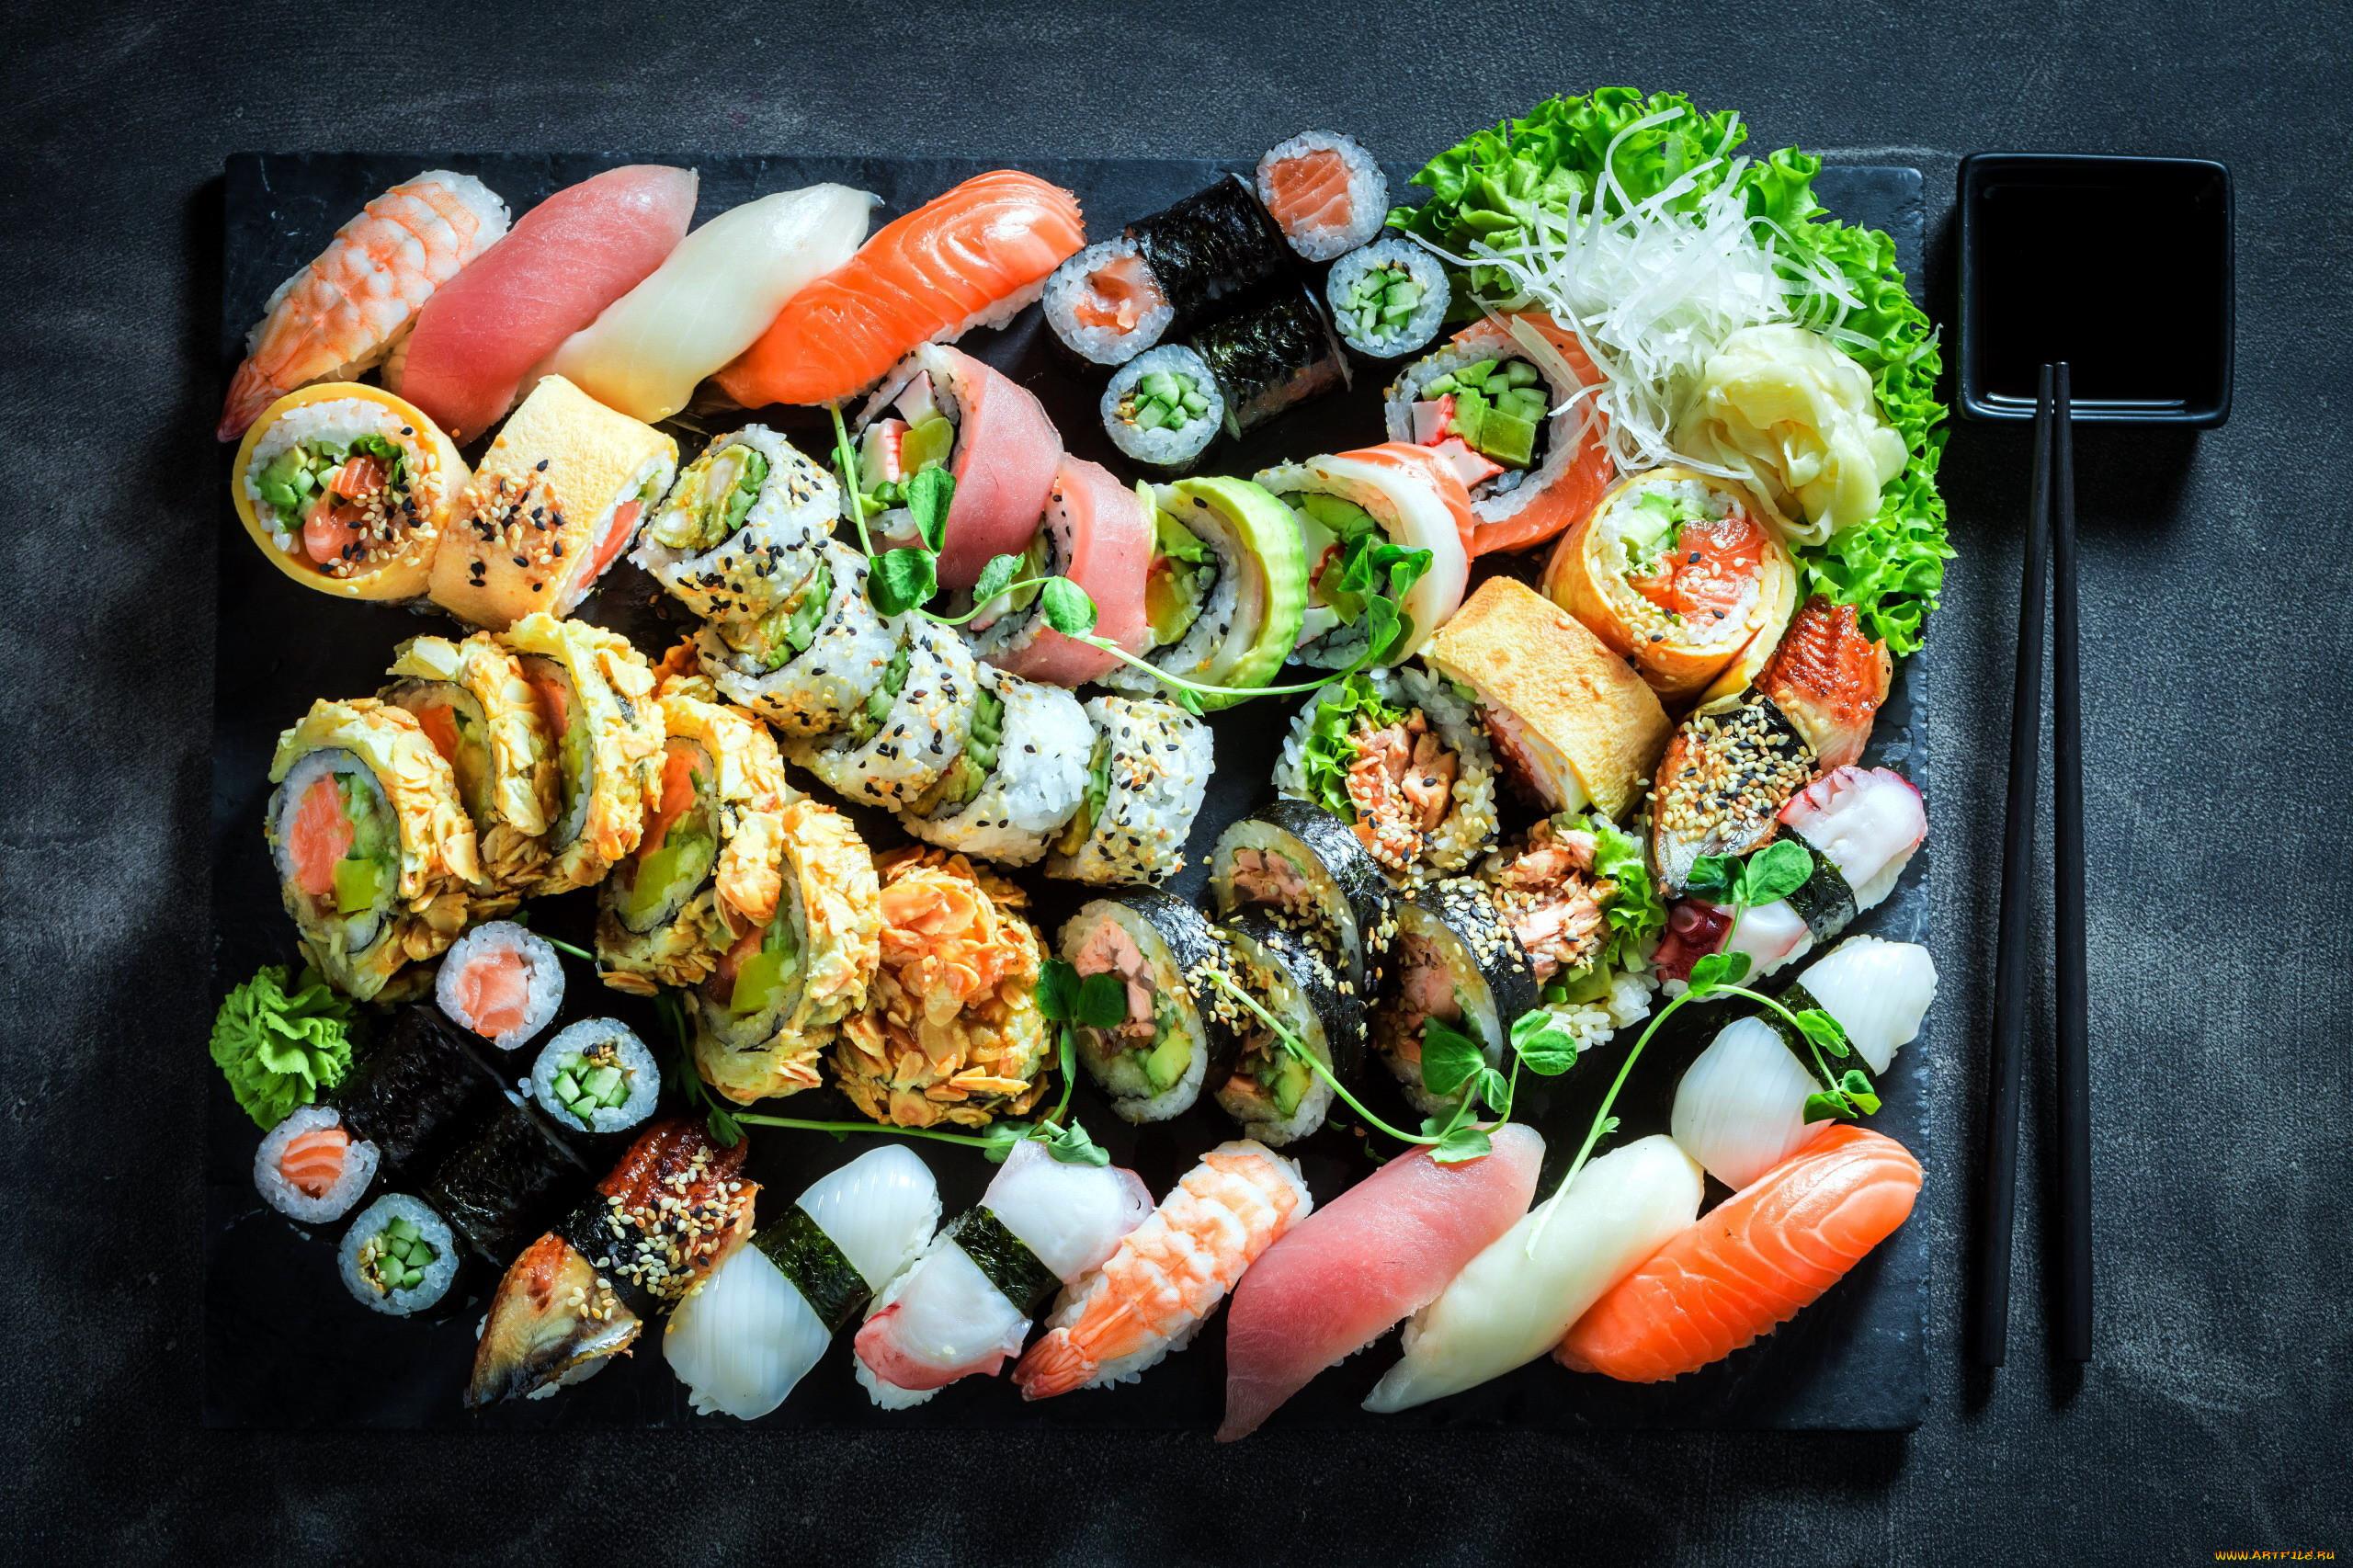 японская кухня с картинками новую, есть